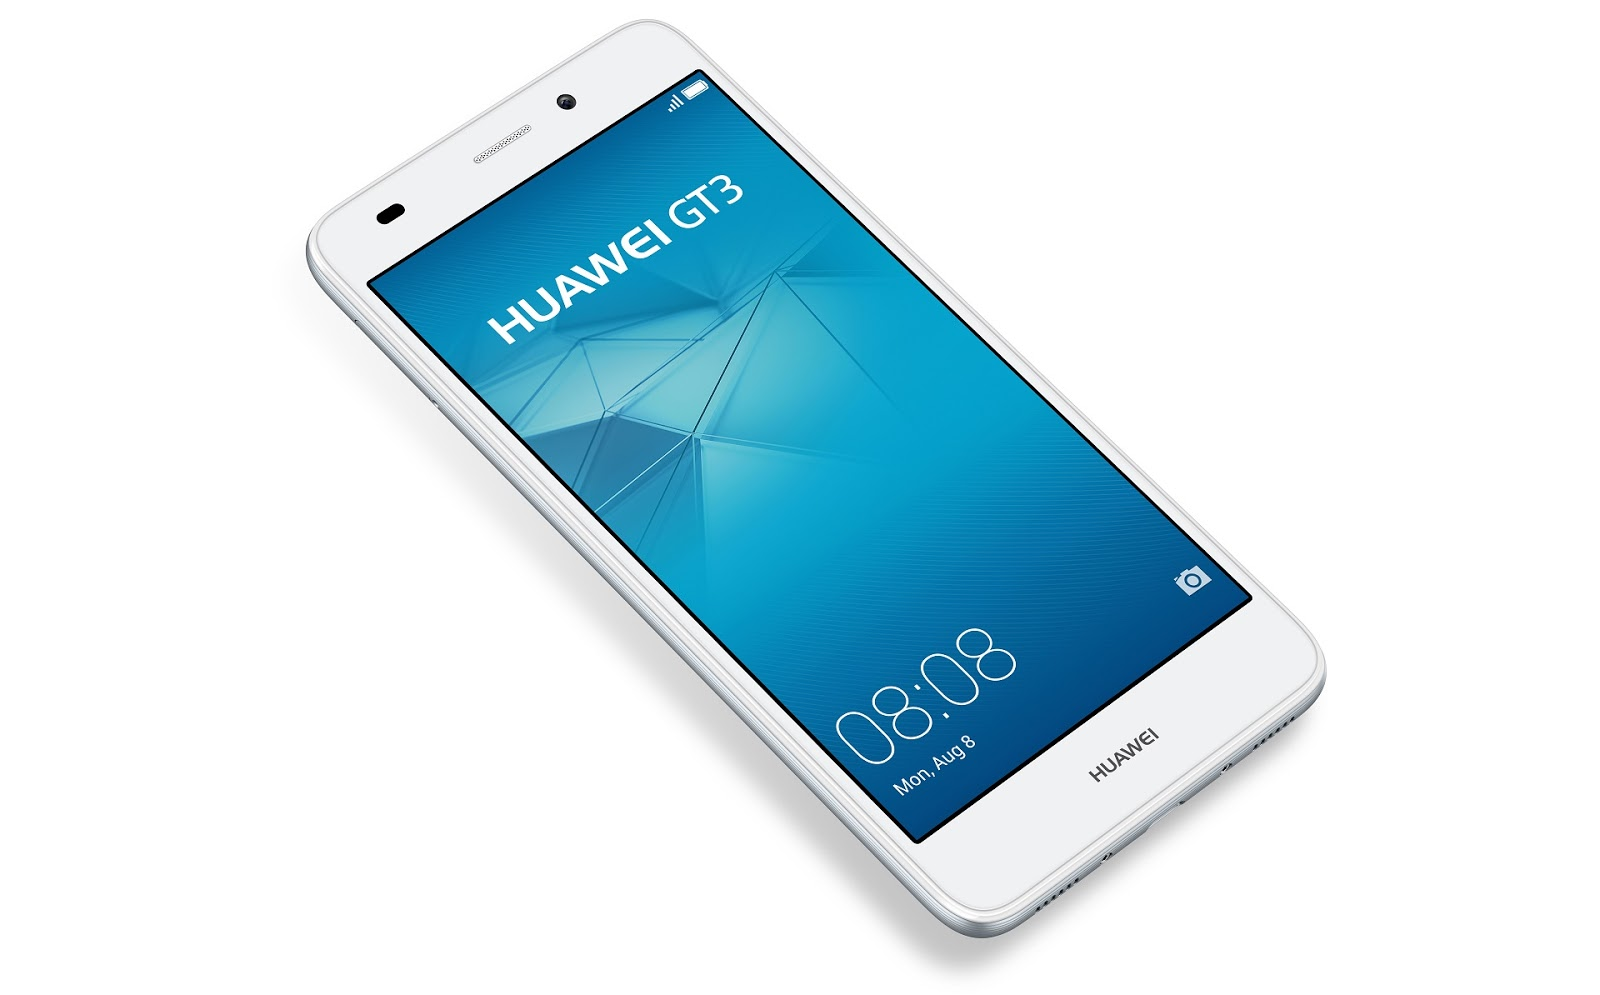 Huawei GT3 non si accende: forse è la batteria?